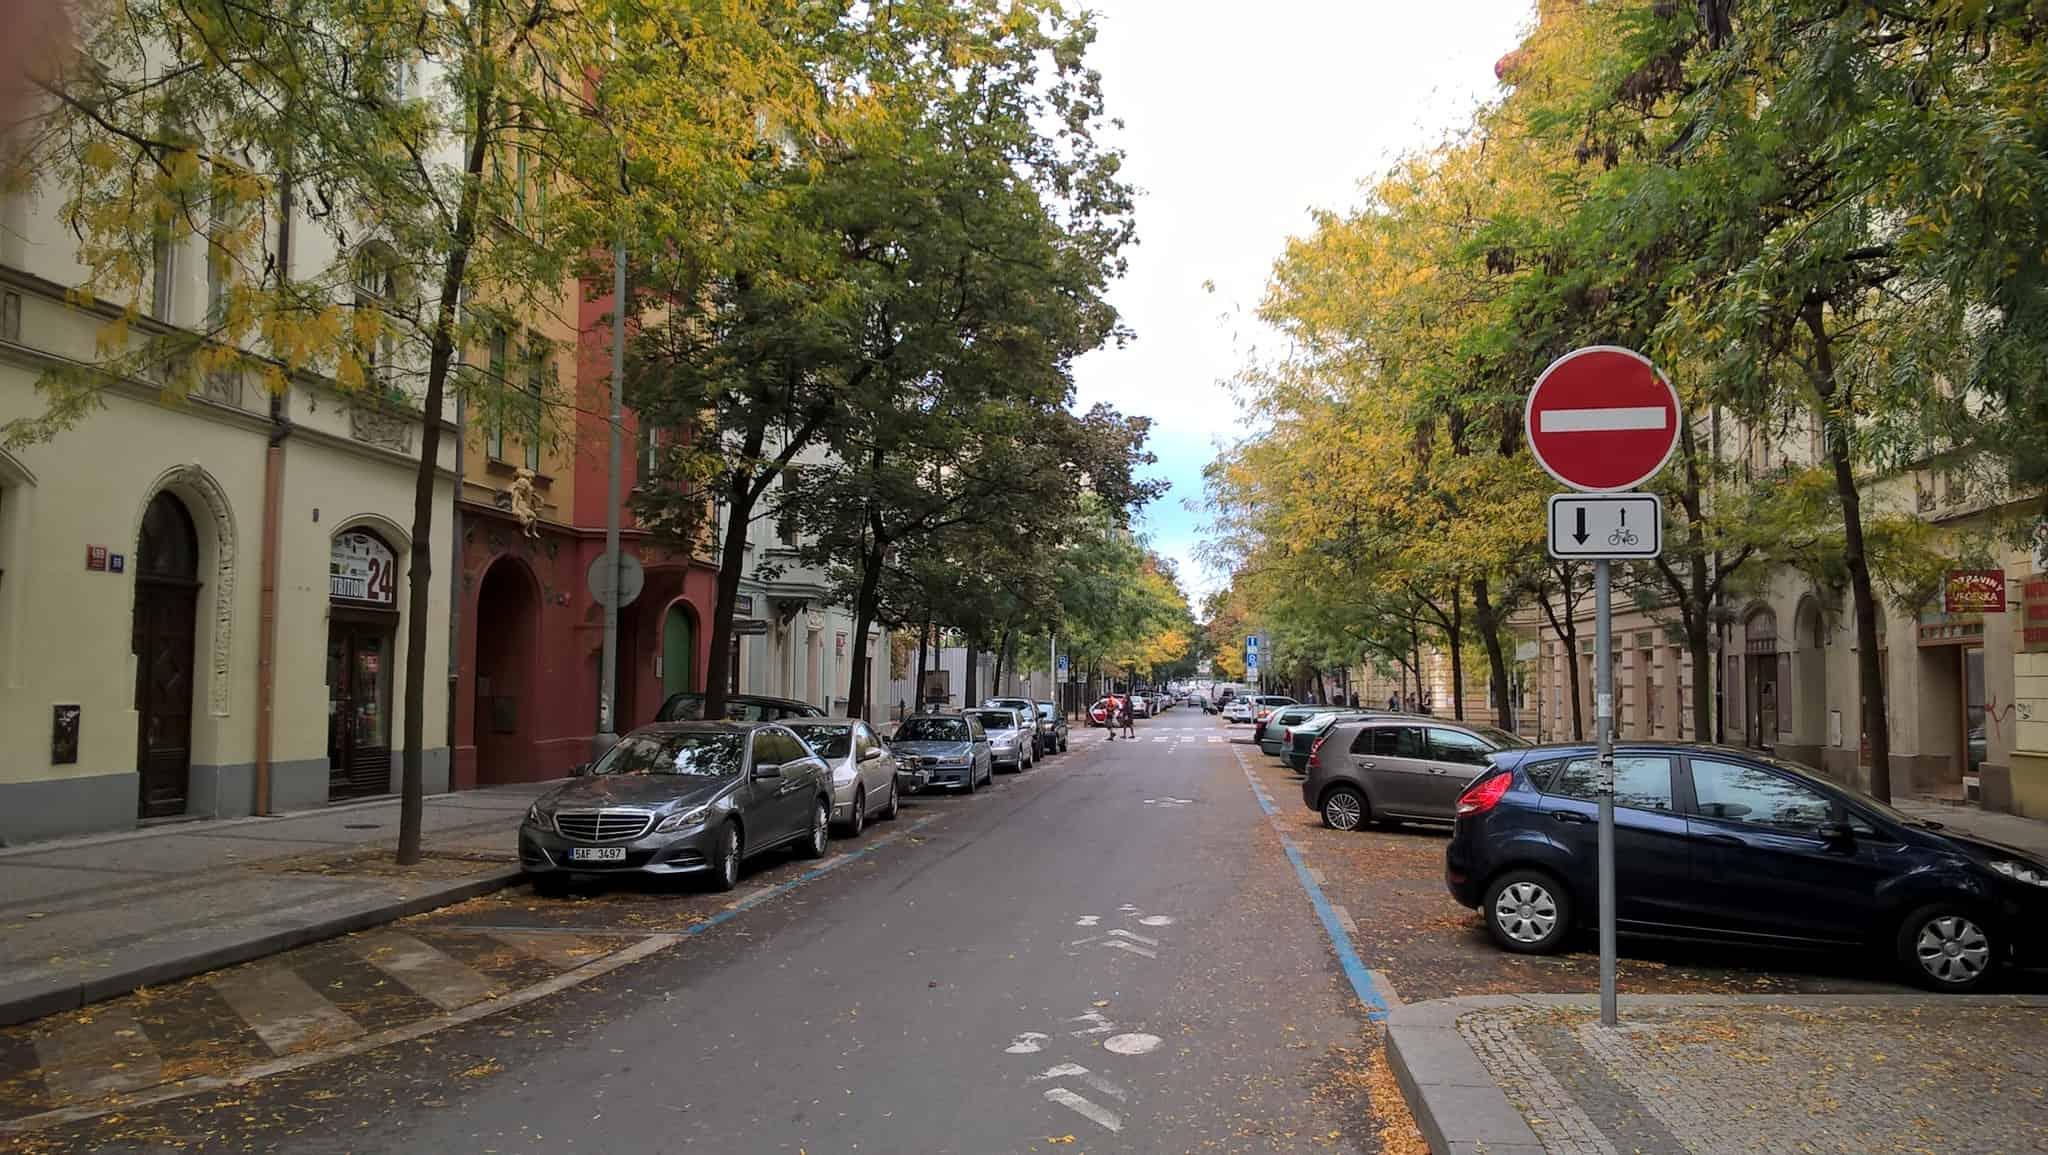 Soud zrušil třetí opatření obecné povahy Prahy 8 řadě, které mělo za cíl omezit cyklisty